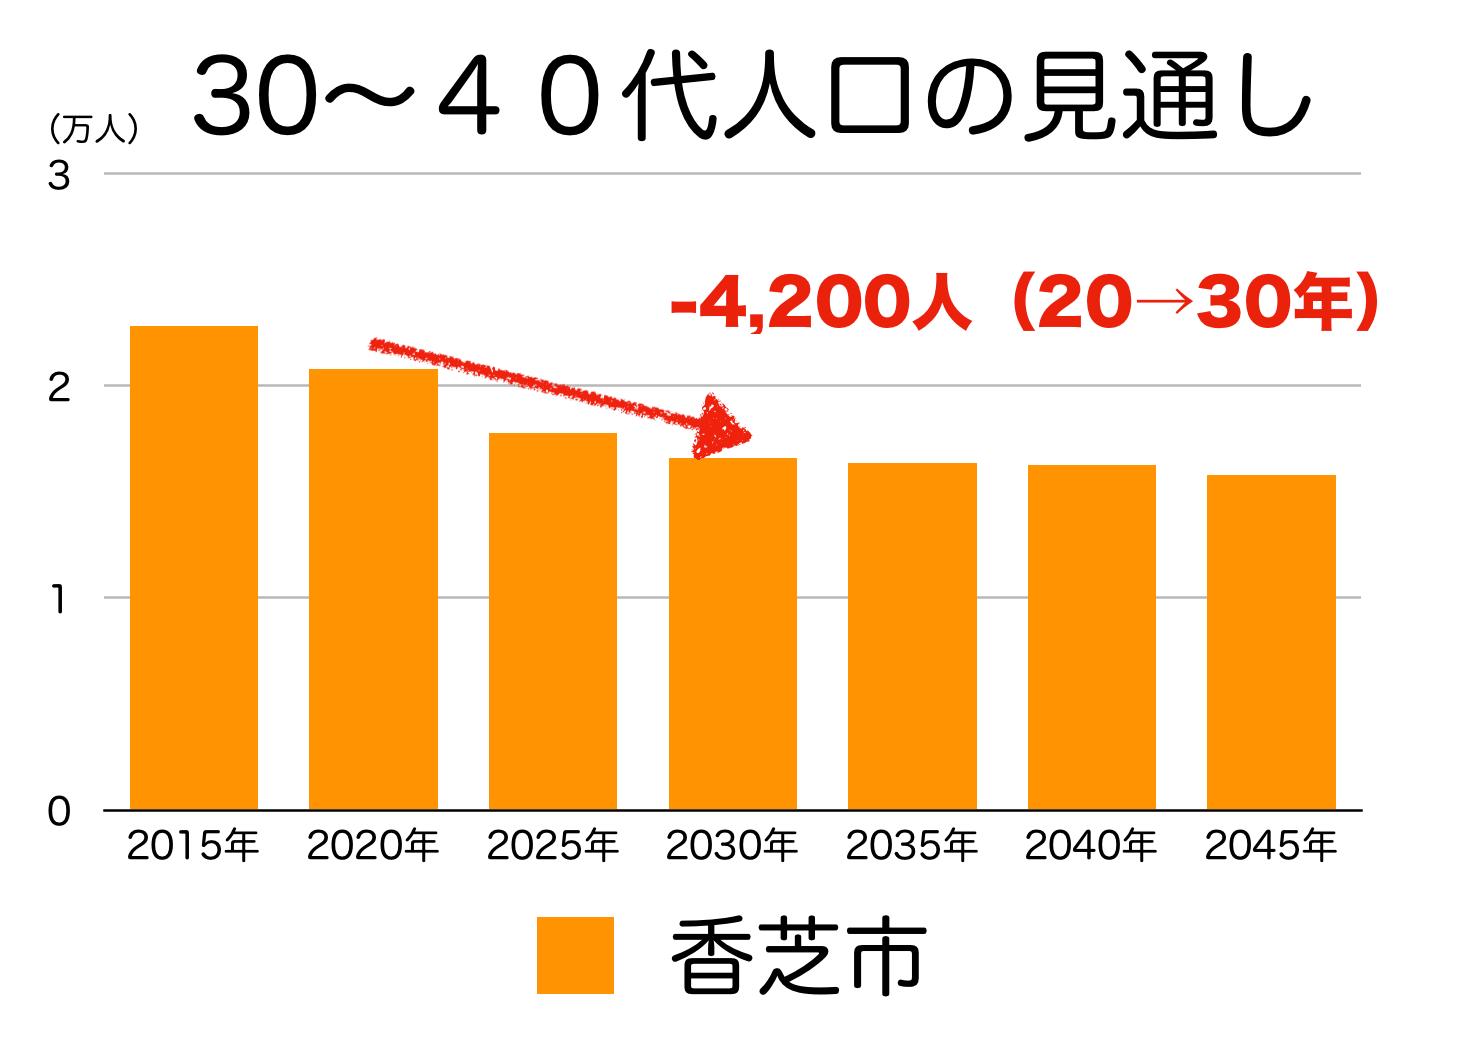 香芝市の30〜40代人口の予測